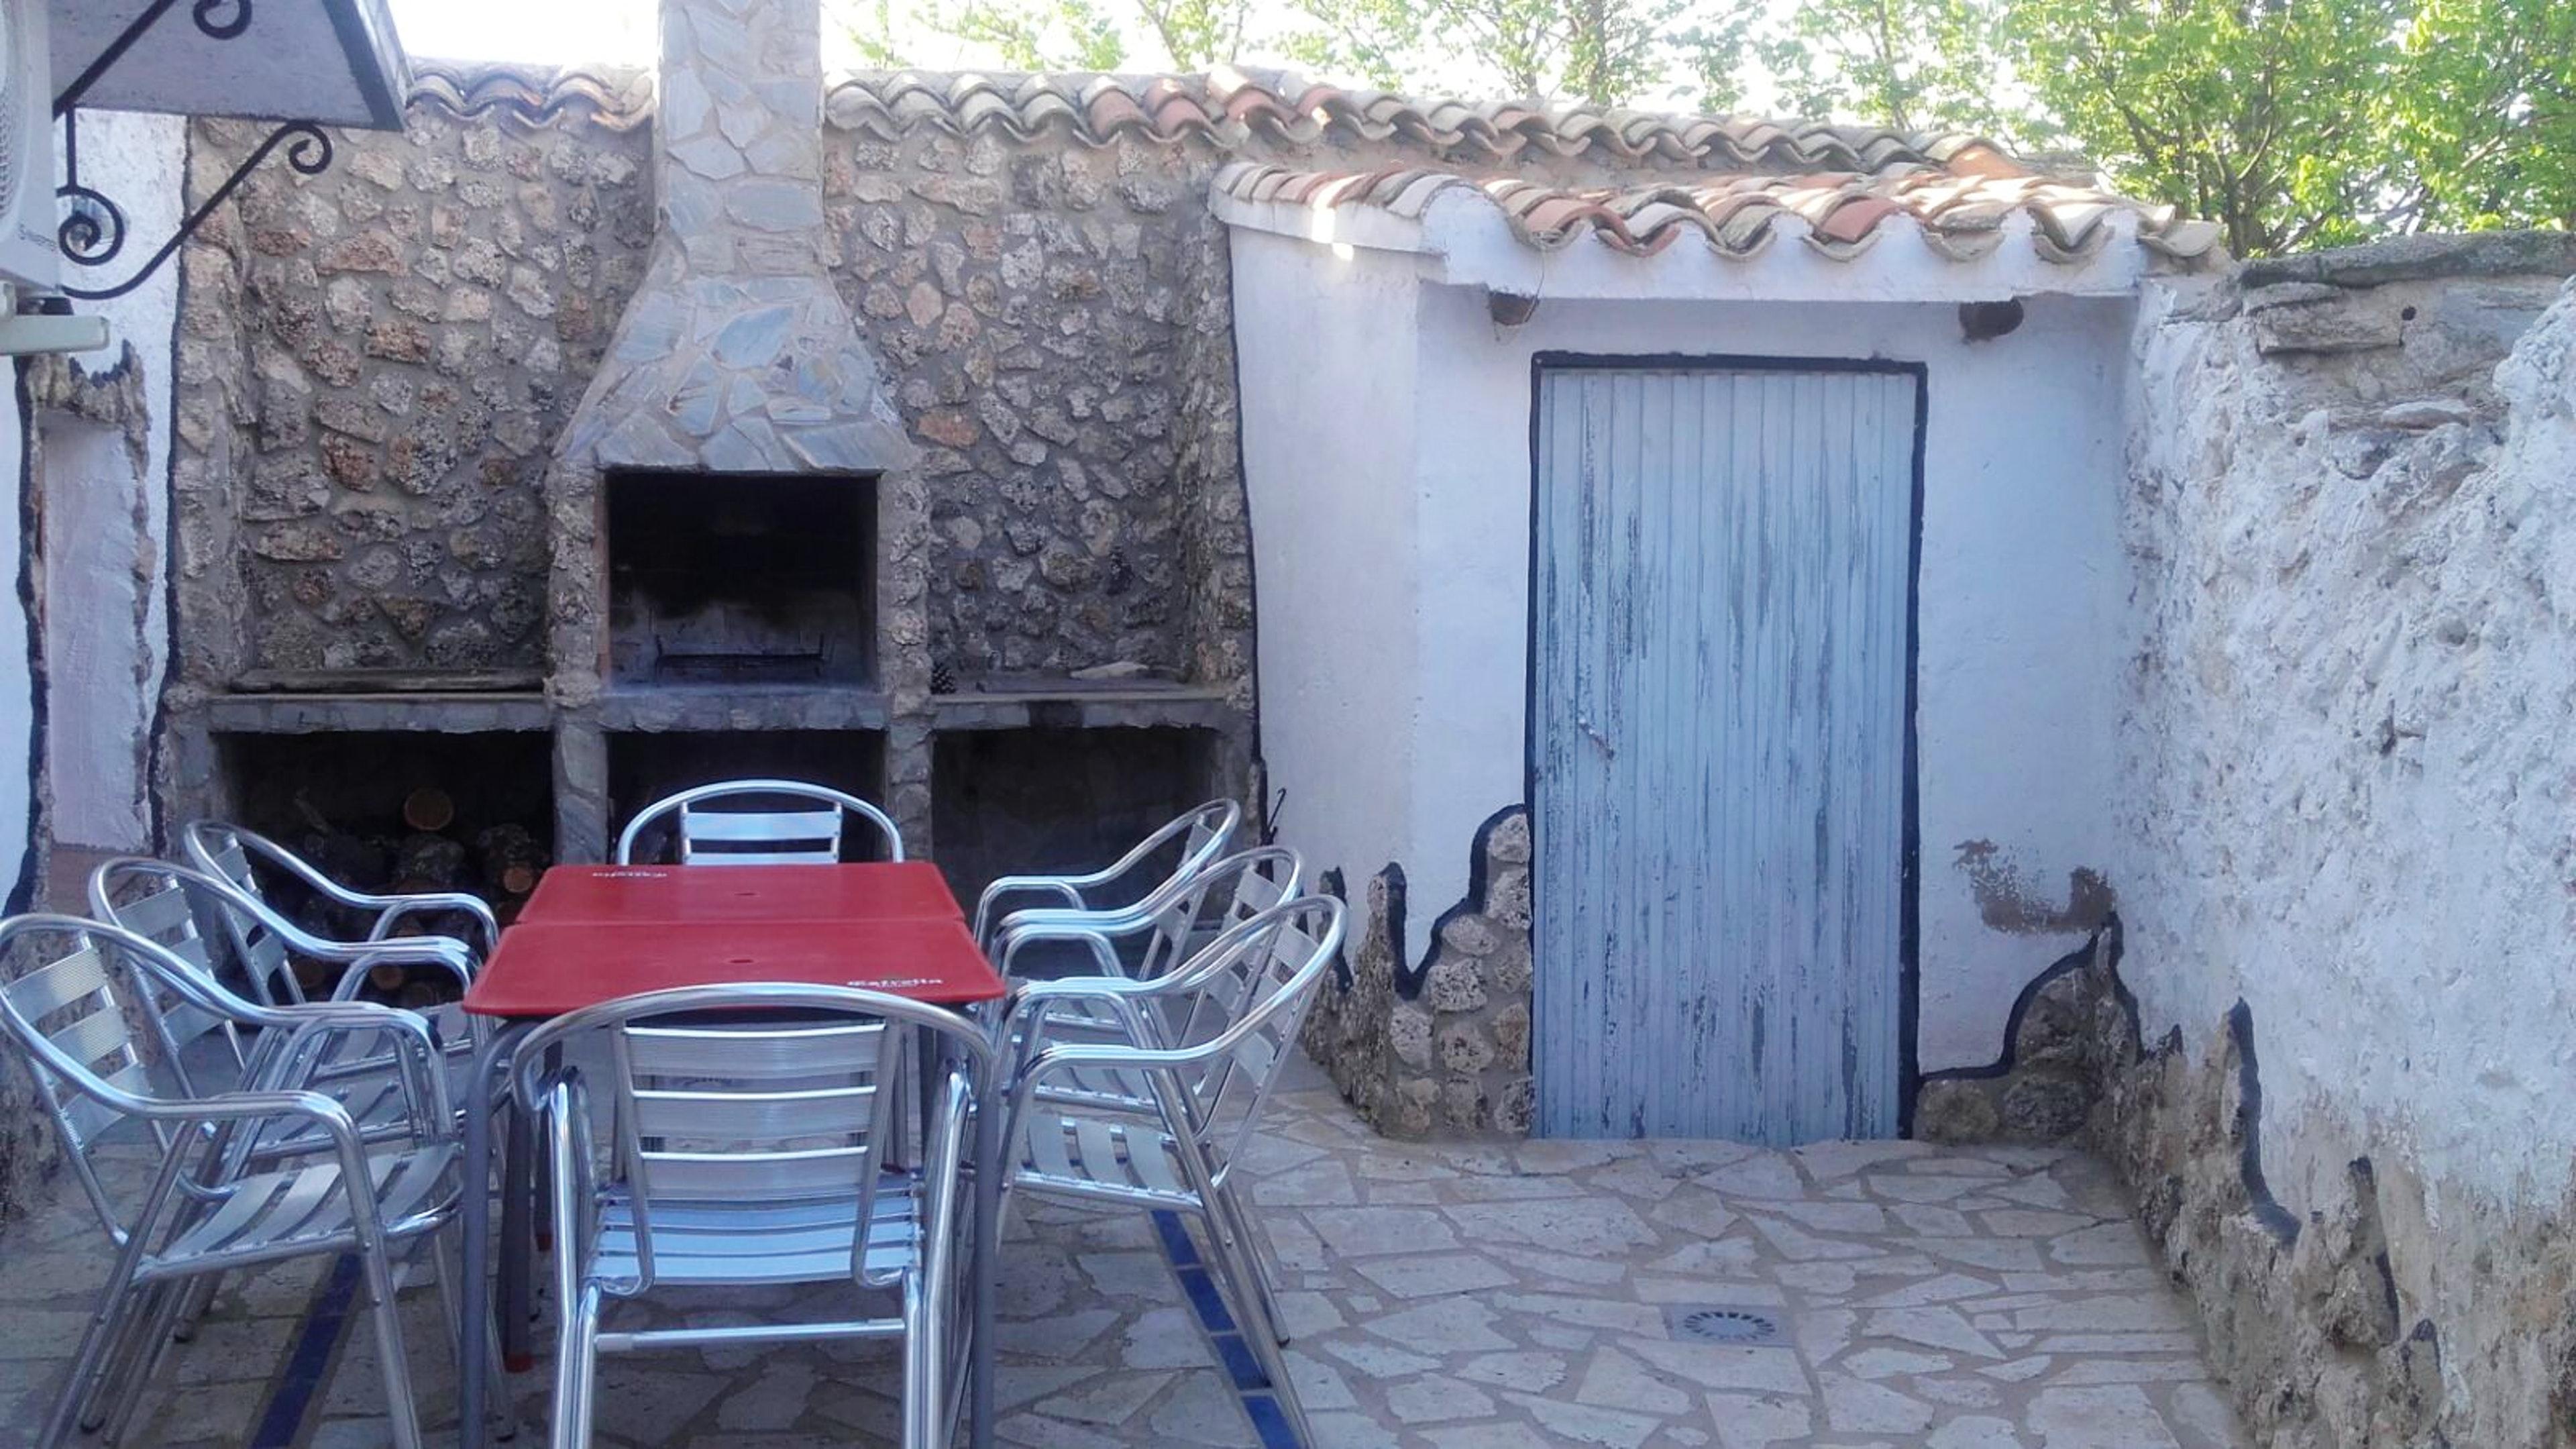 Ferienhaus Haus mit 5 Schlafzimmern in Casas del Cerro mit toller Aussicht auf die Berge und möbliert (2201517), Casas del Cerro, Albacete, Kastilien-La Mancha, Spanien, Bild 34